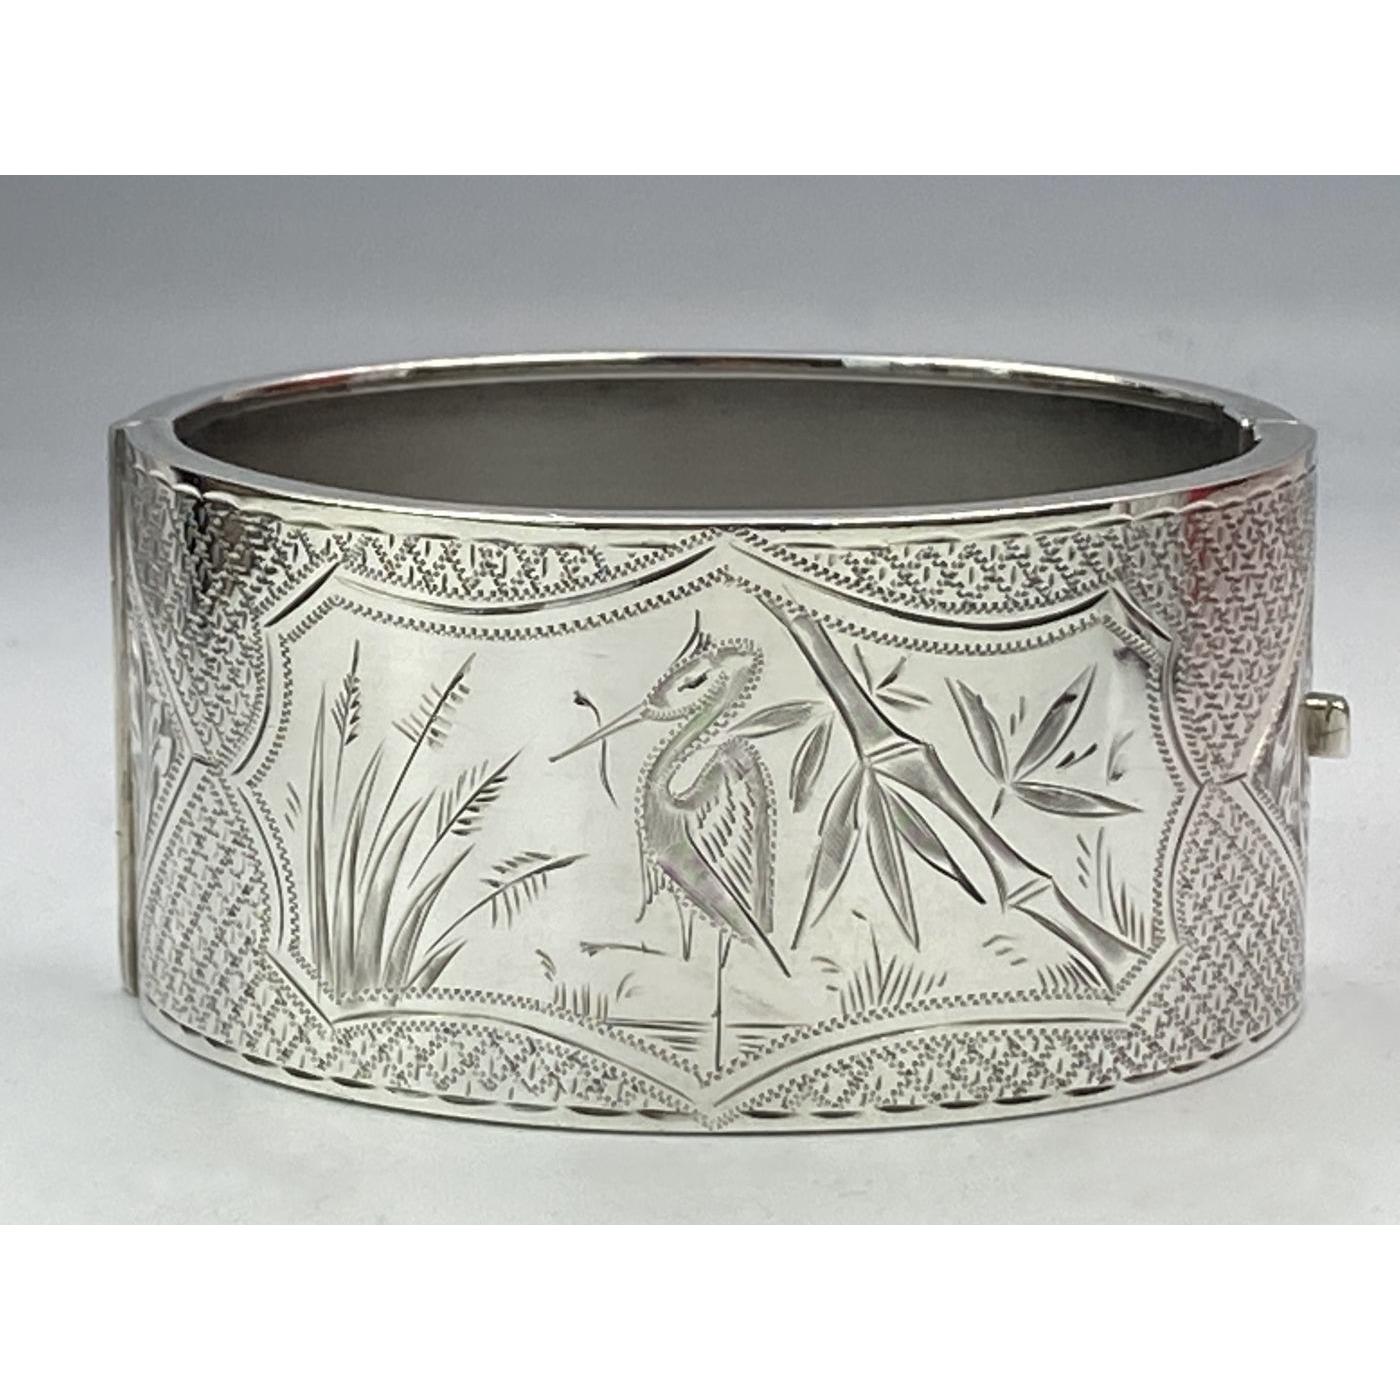 Fabulous WADING BIRD Central Focus Antique English Silver Bangle